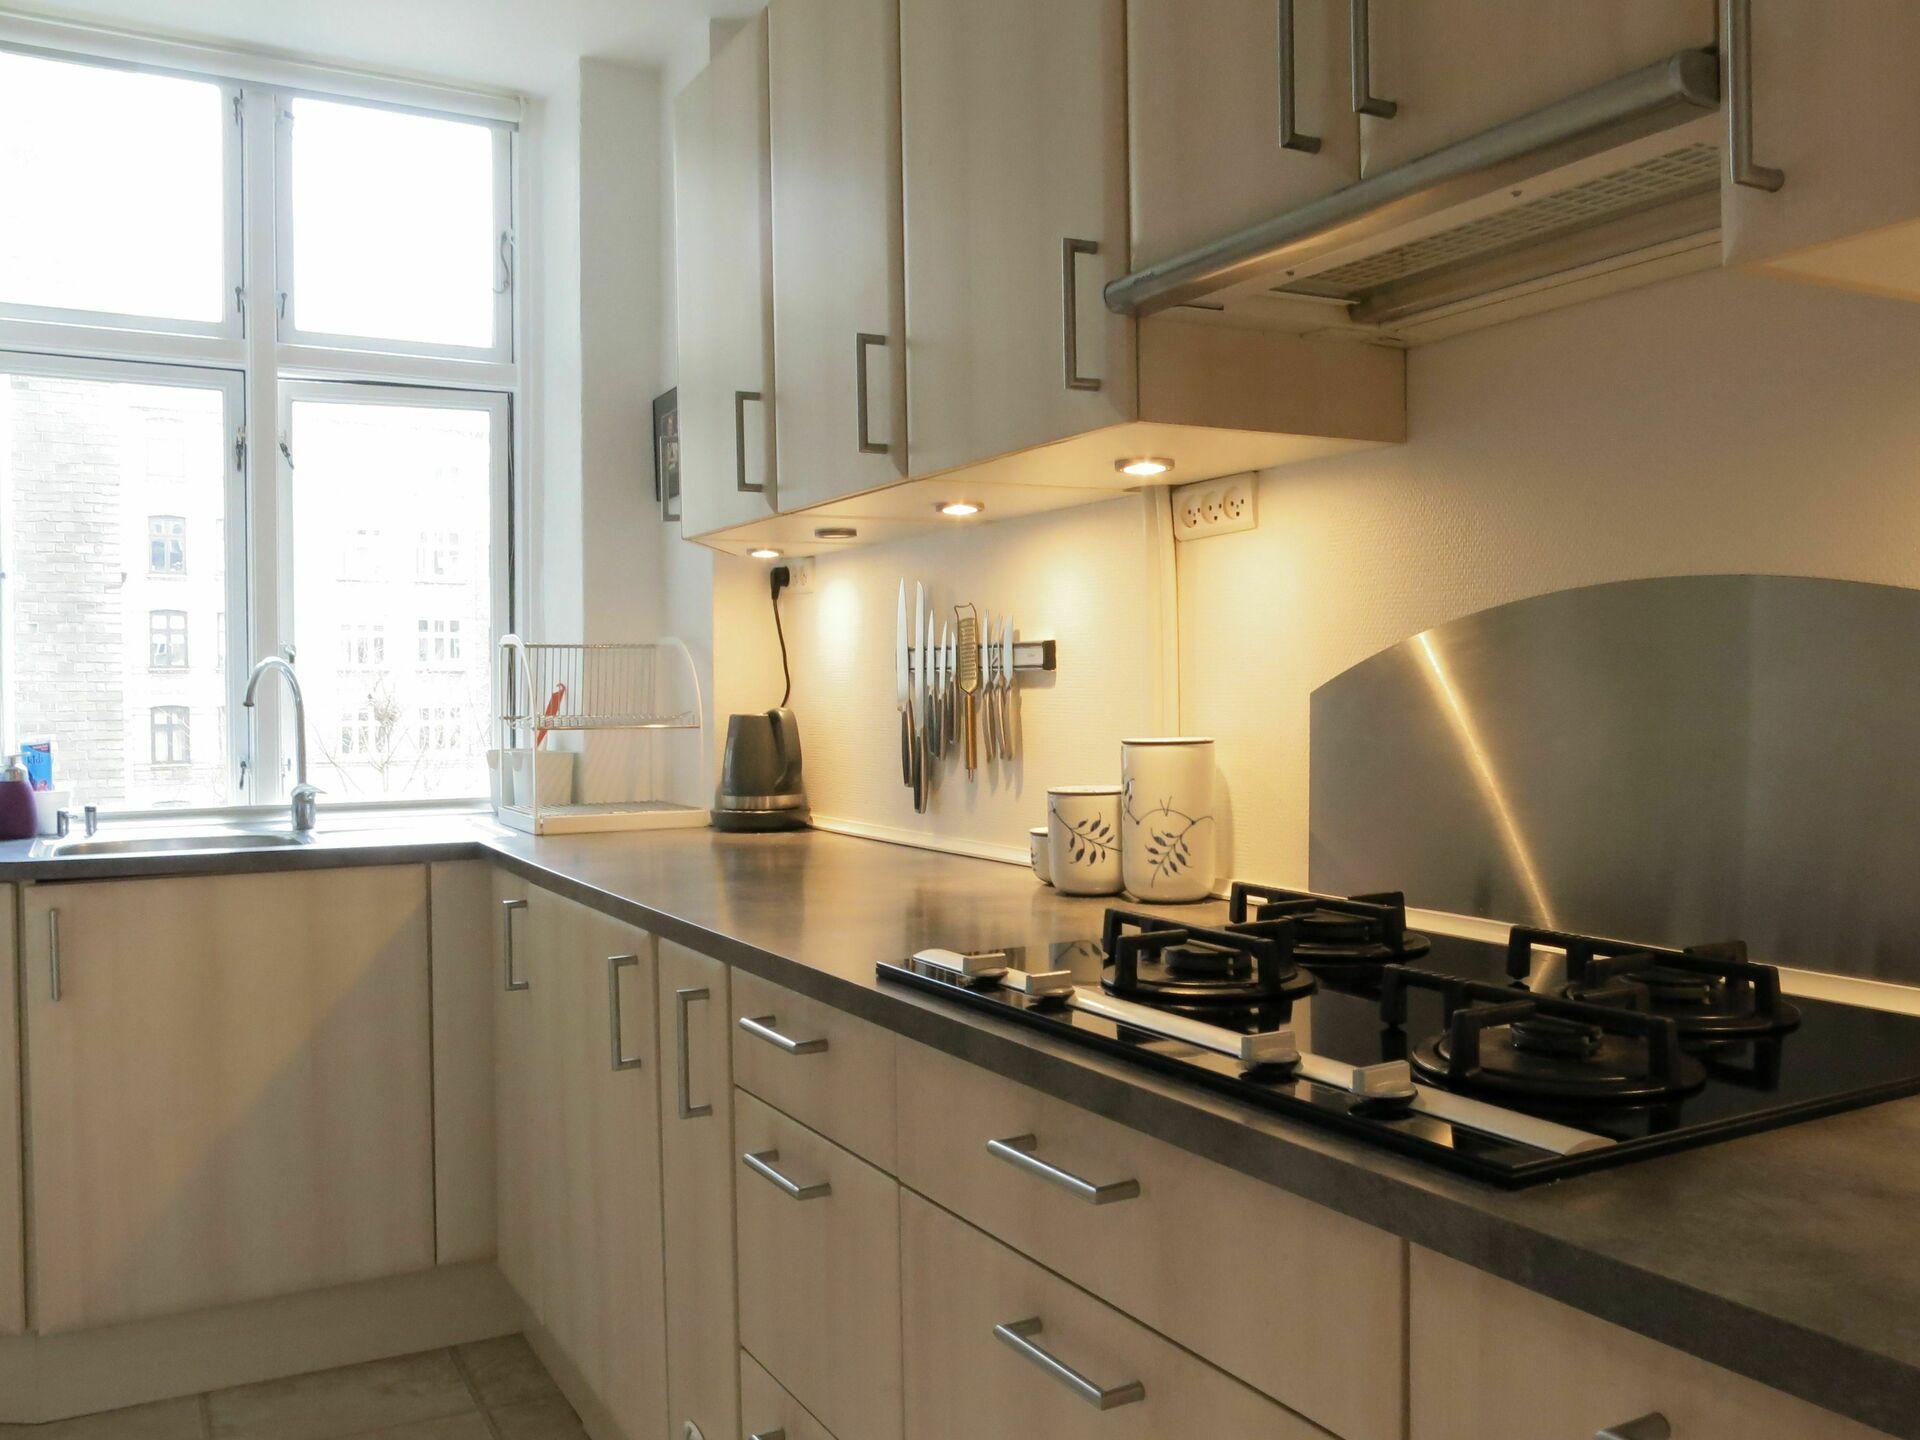 Kopenhagen Wohnung silkeborggade 3 persons wohnung in kopenhagen